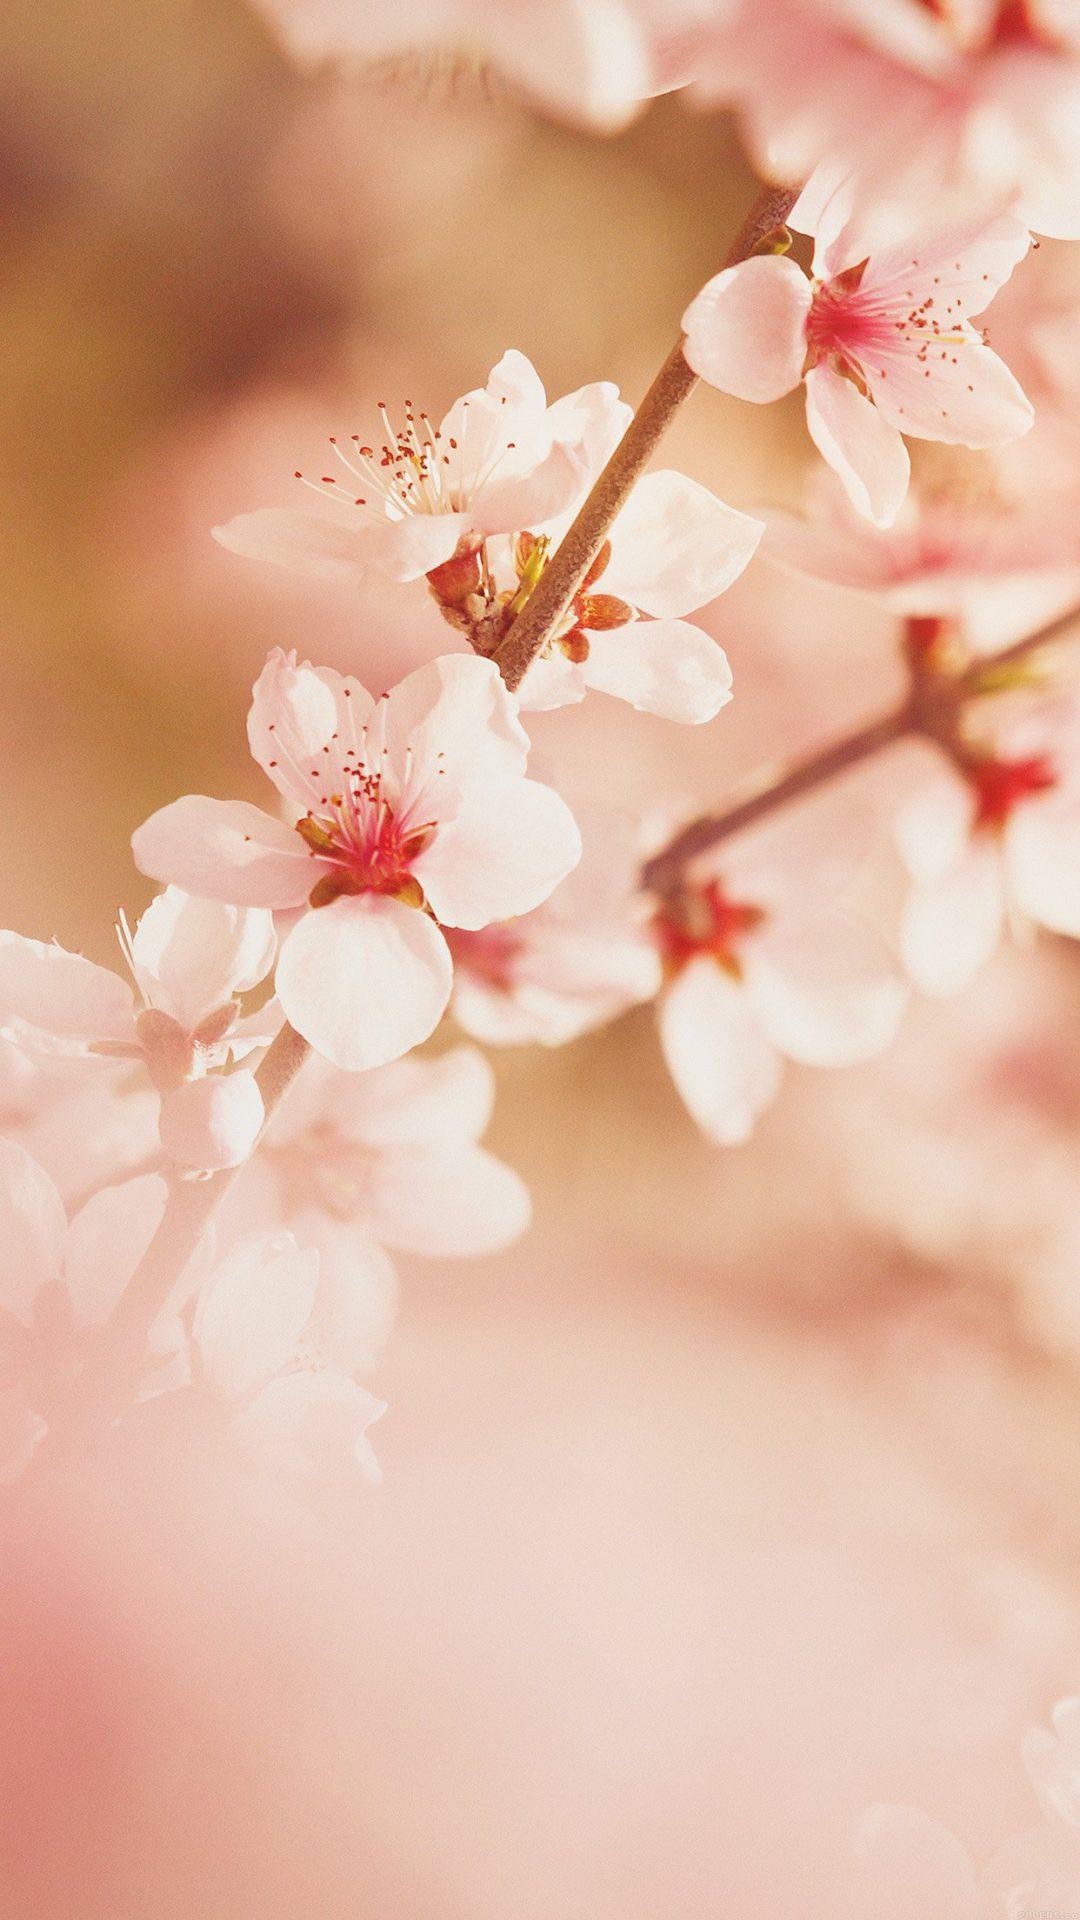 Spring Flower Sullysully Cherry Blossom Nature